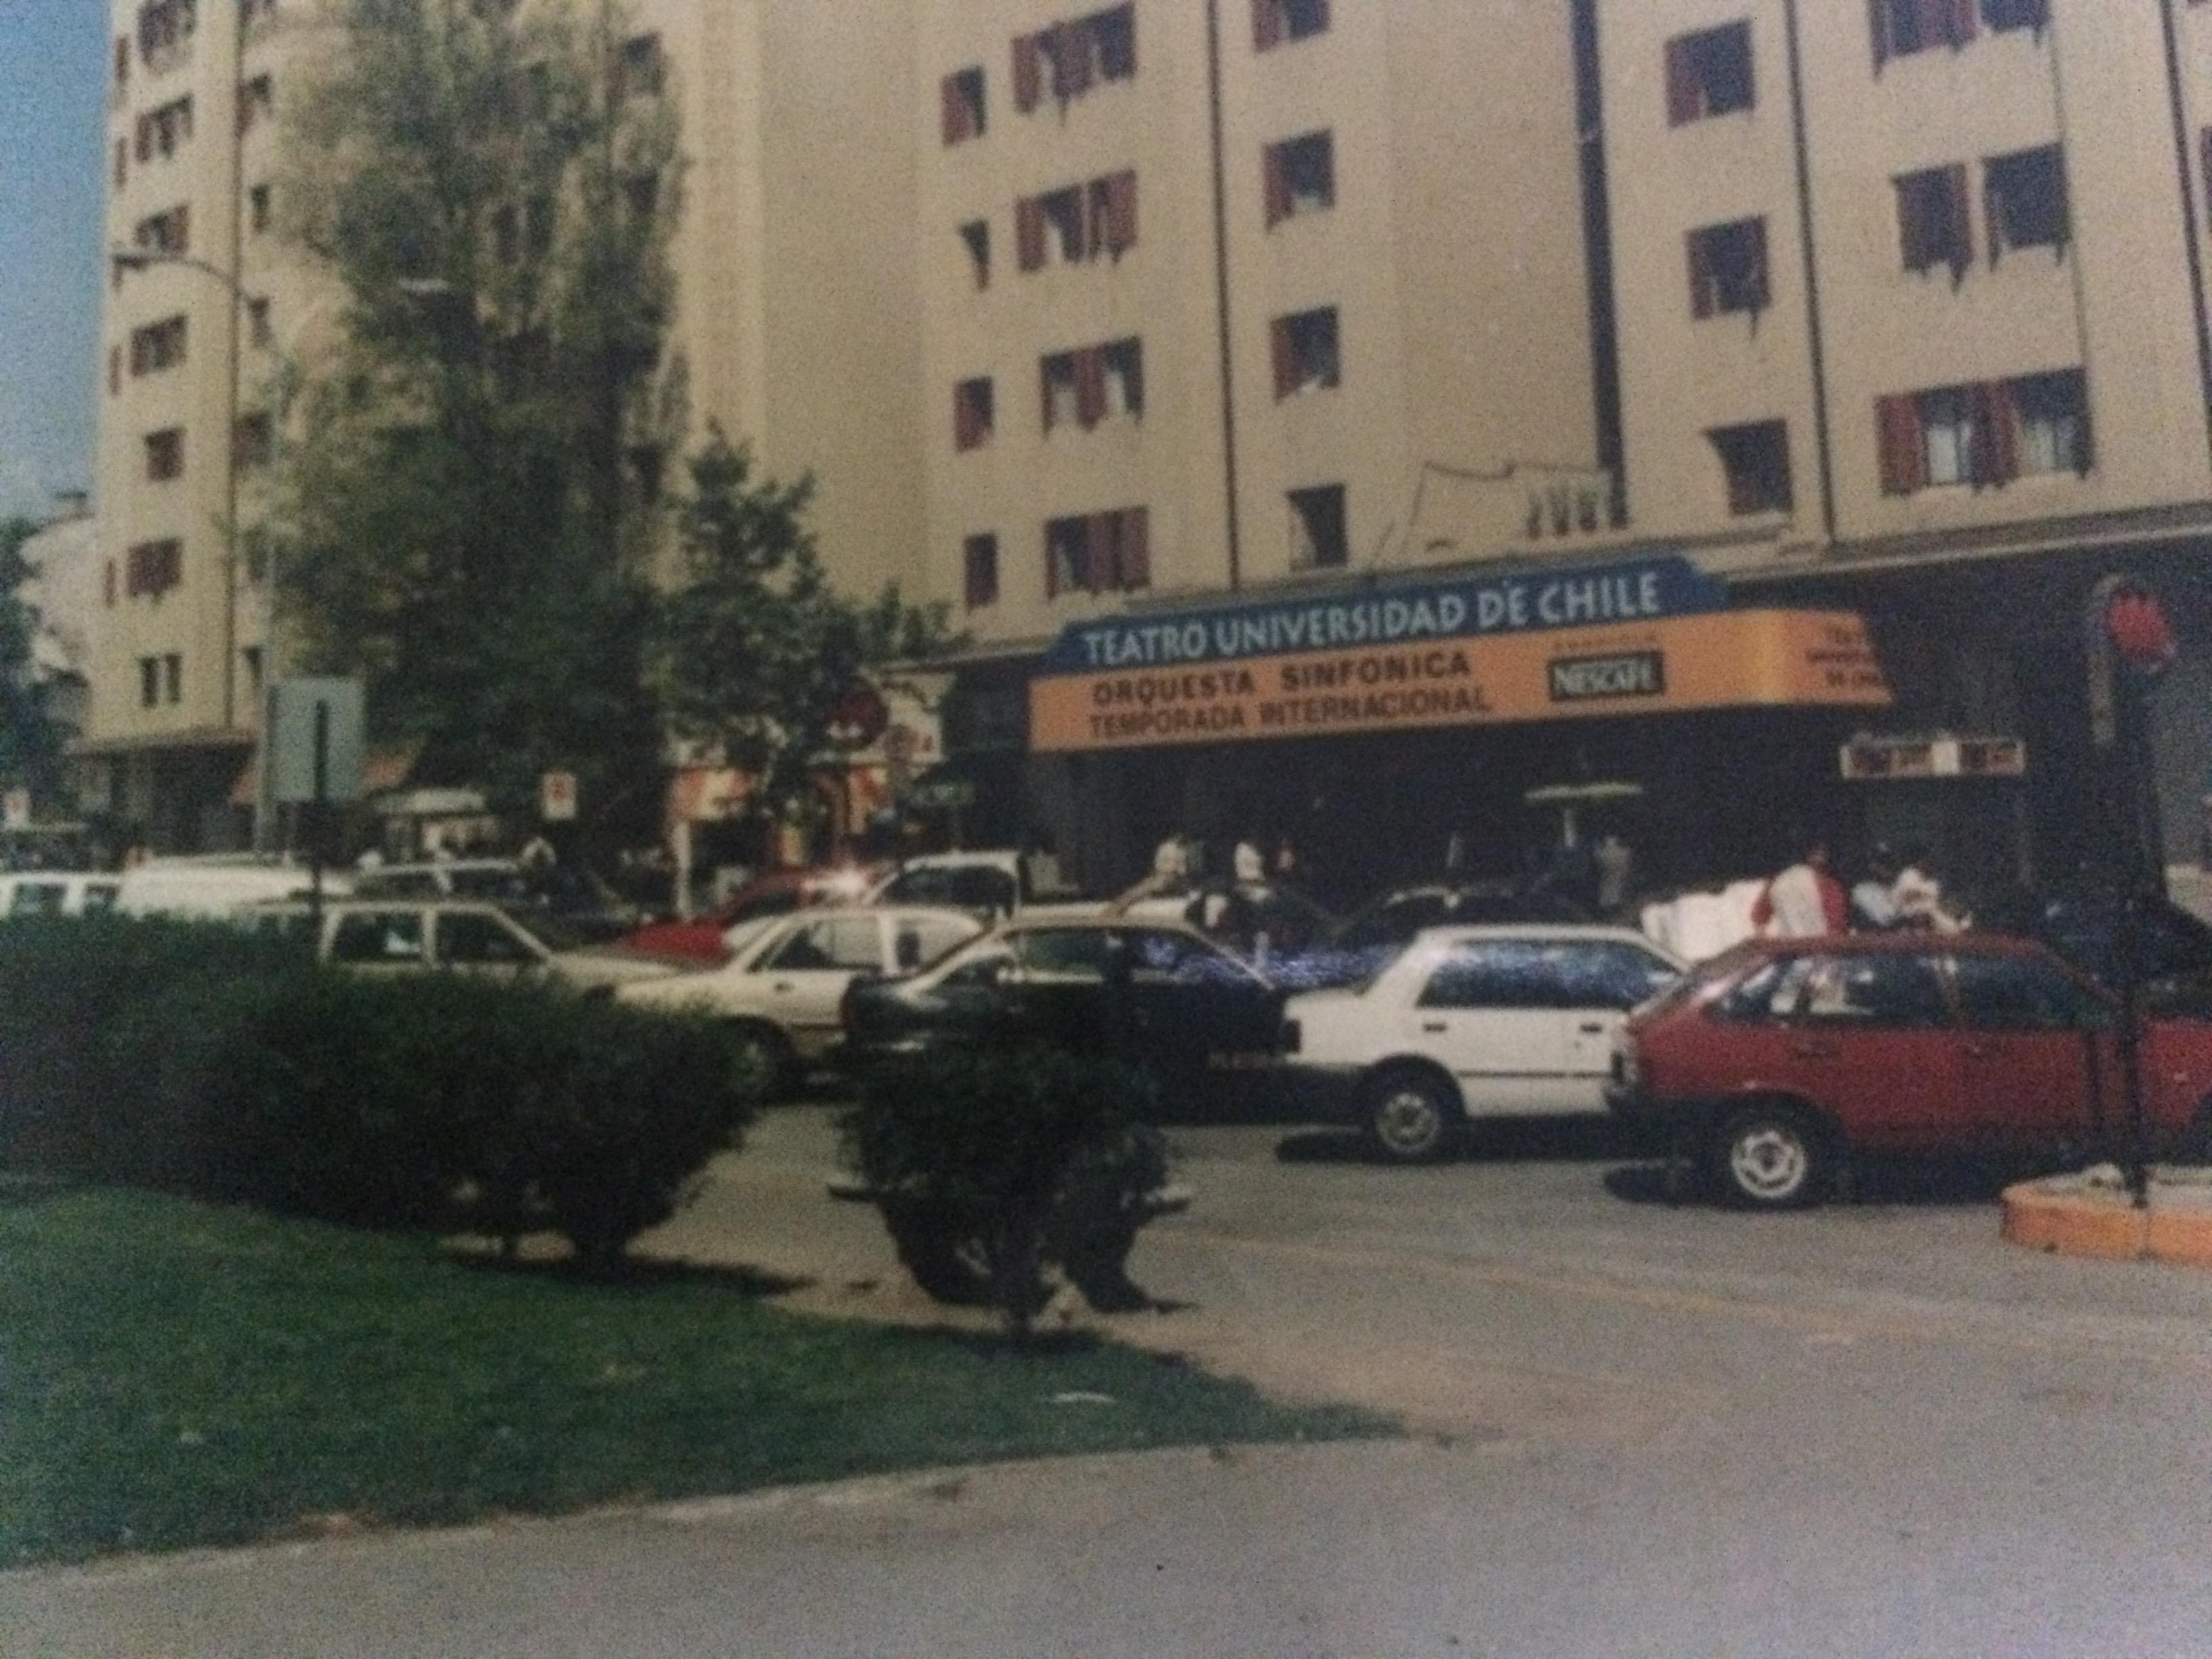 Enterreno - Fotos históricas de chile - fotos antiguas de Chile - Teatro Universidad de Chile en 1997